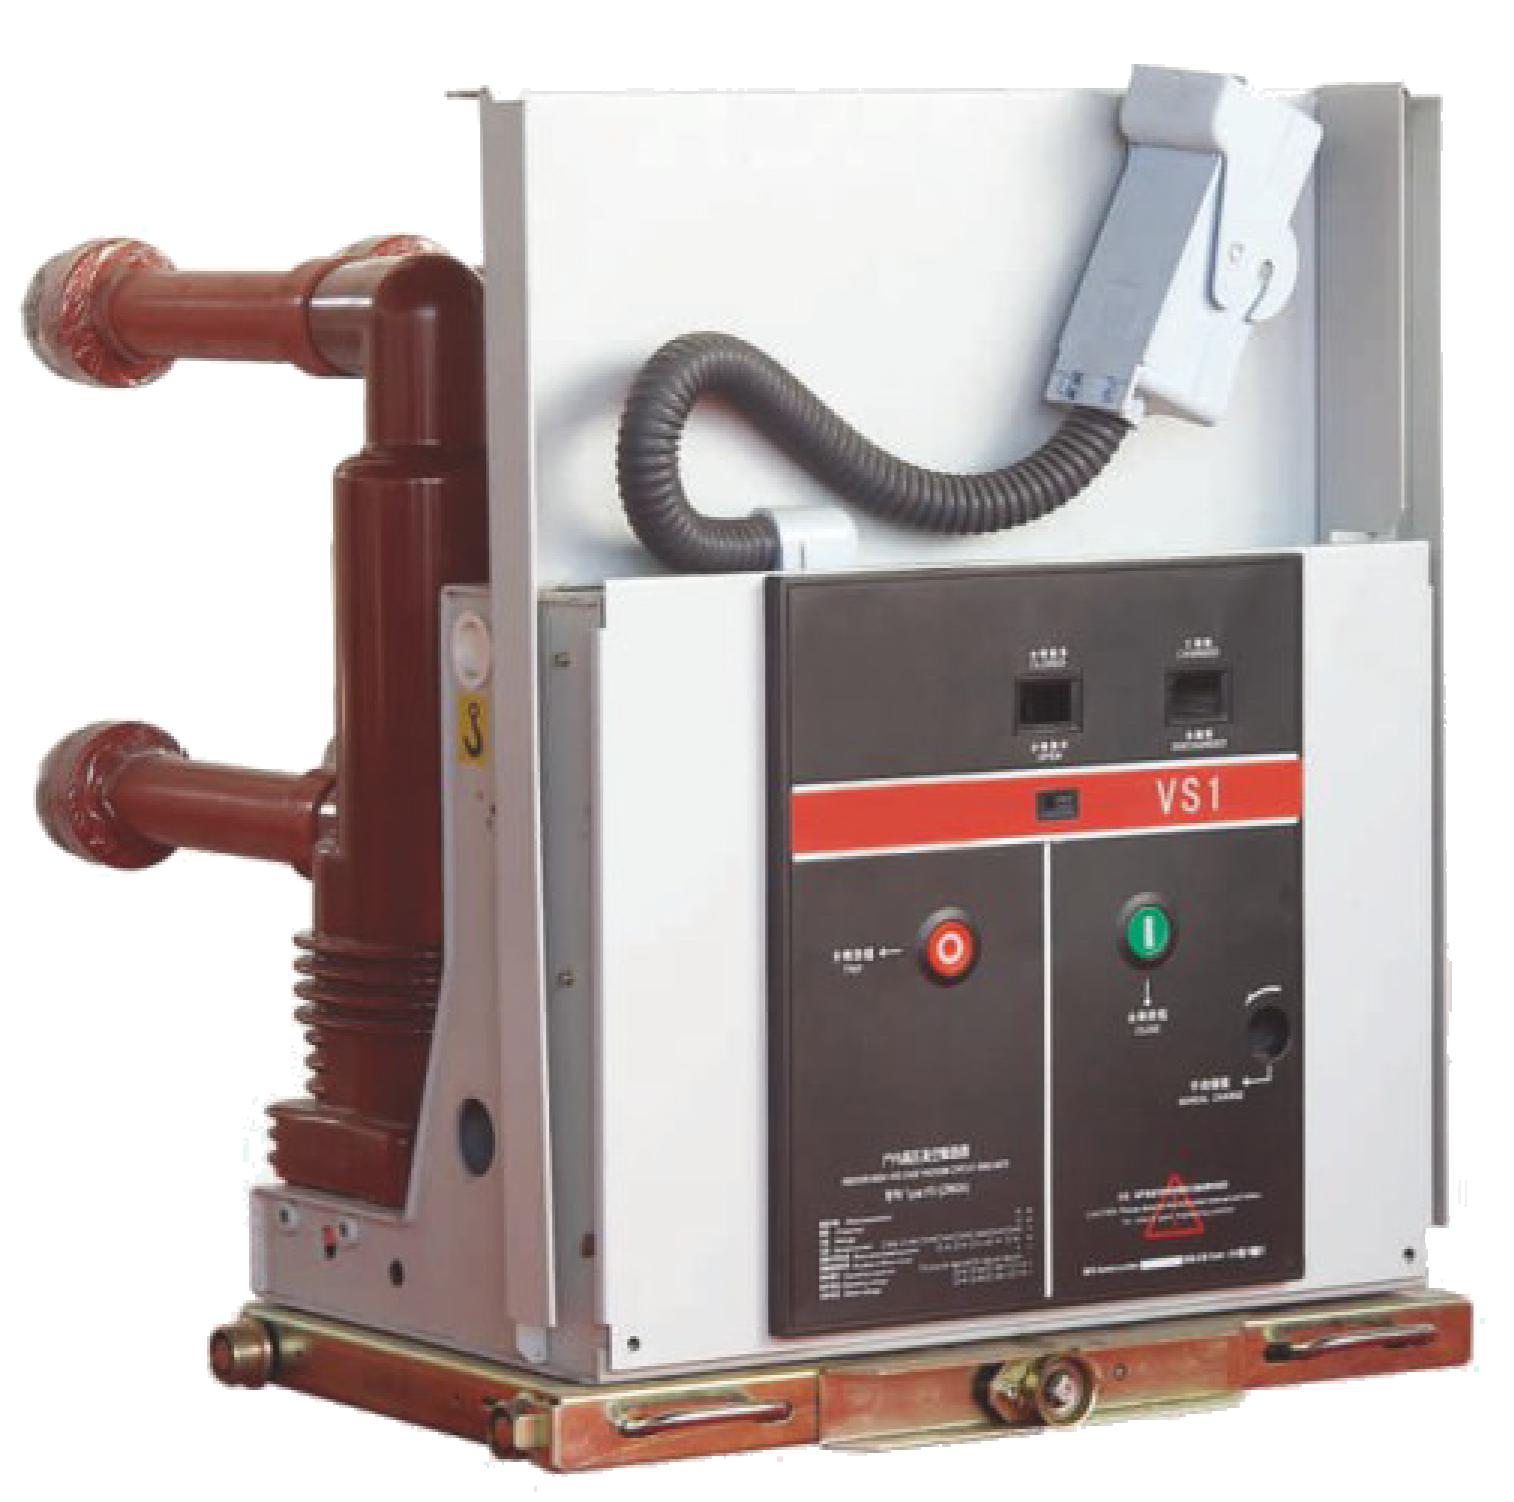 ZN63(VS1)-12户内高固封式真空断路器